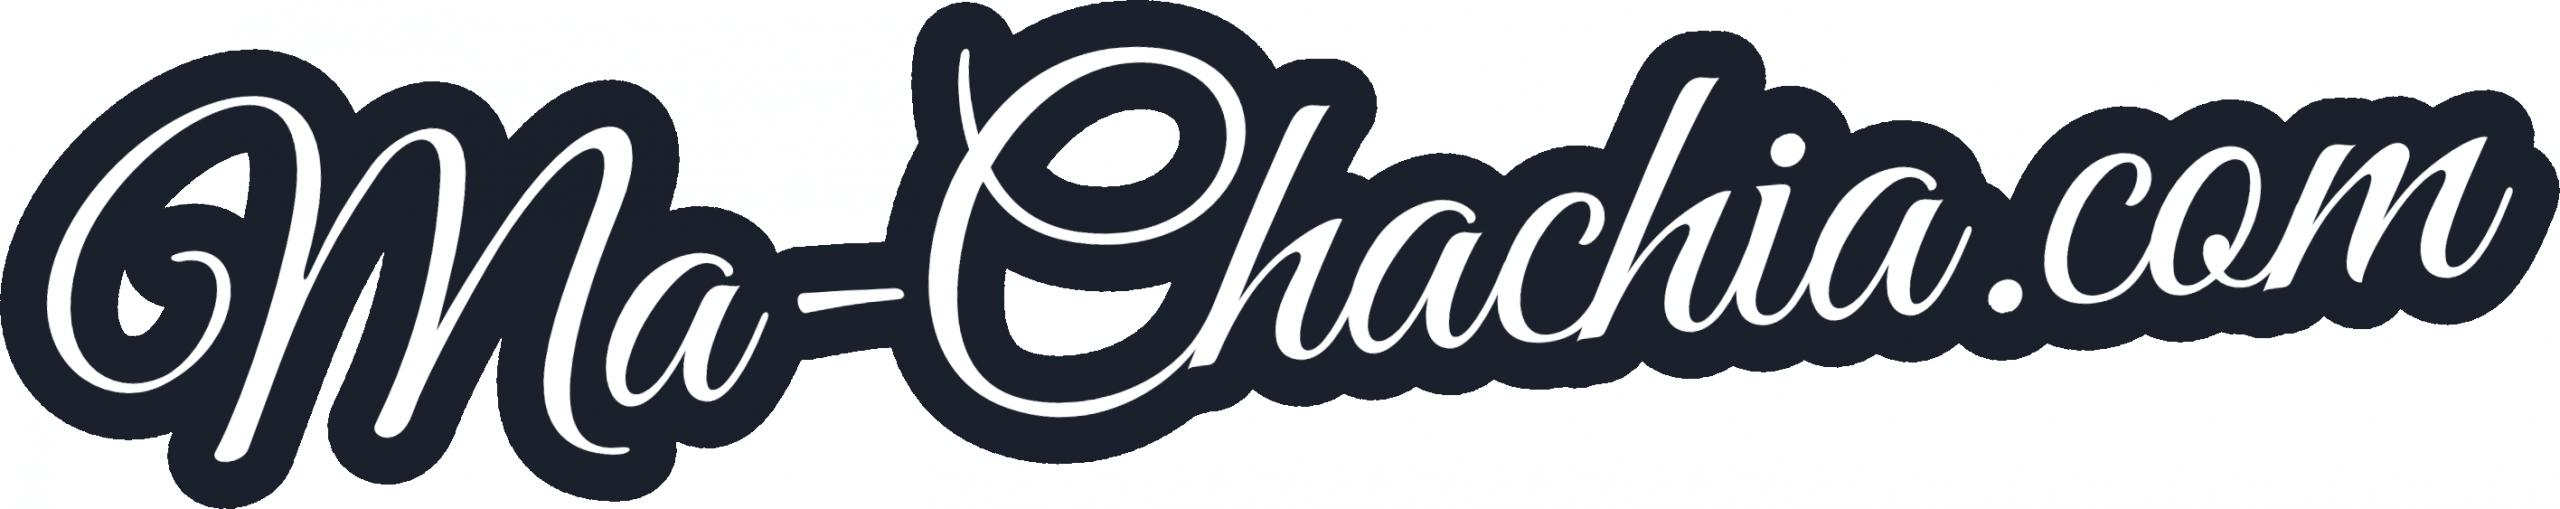 WWW.MA-CHACHIA.COM